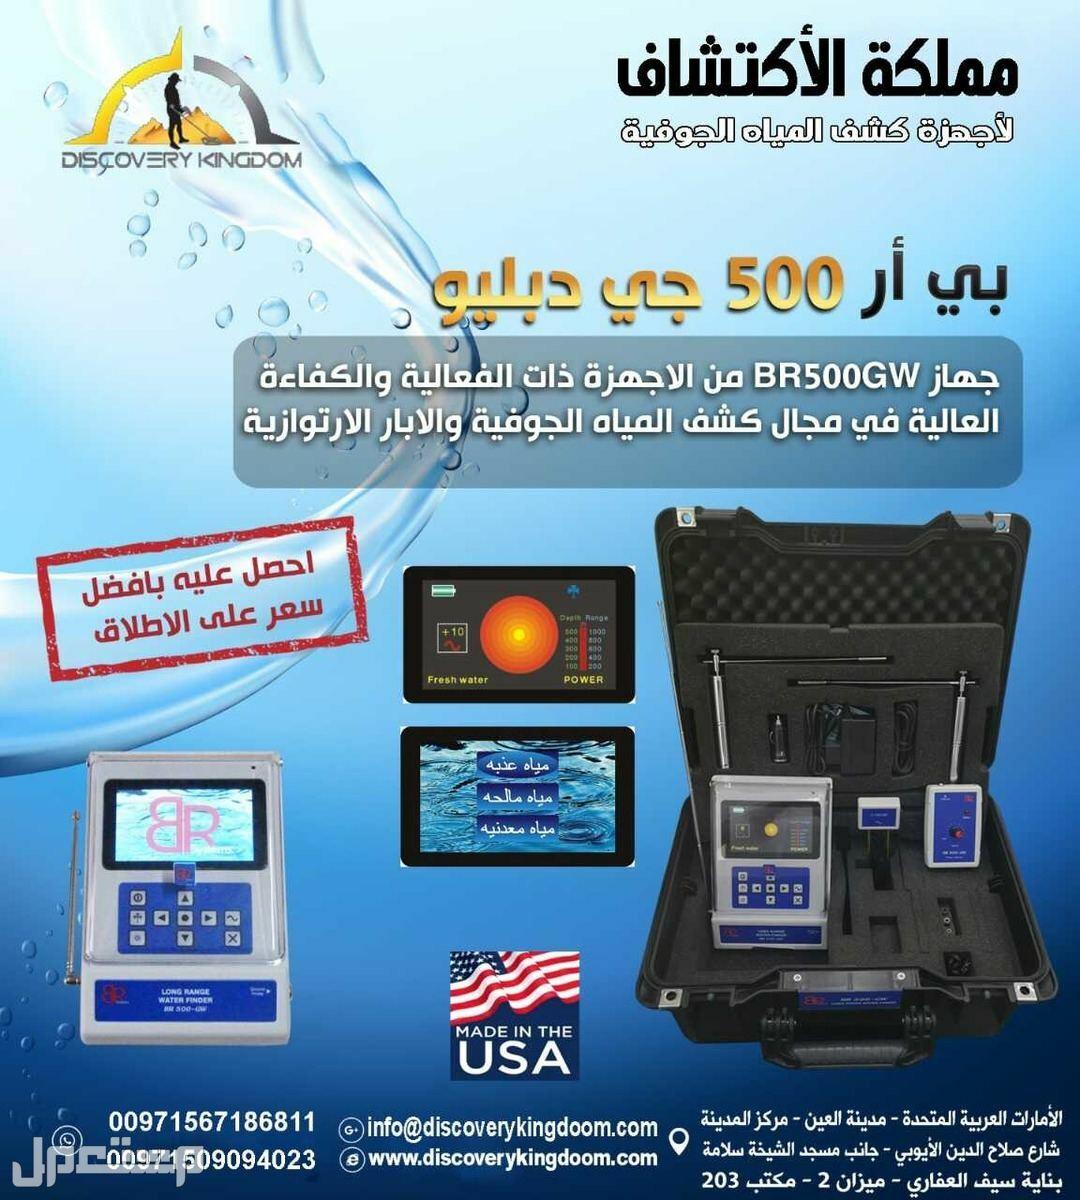 جهاز BR500GW لكشف مواقع الابار و المياه الجوفية